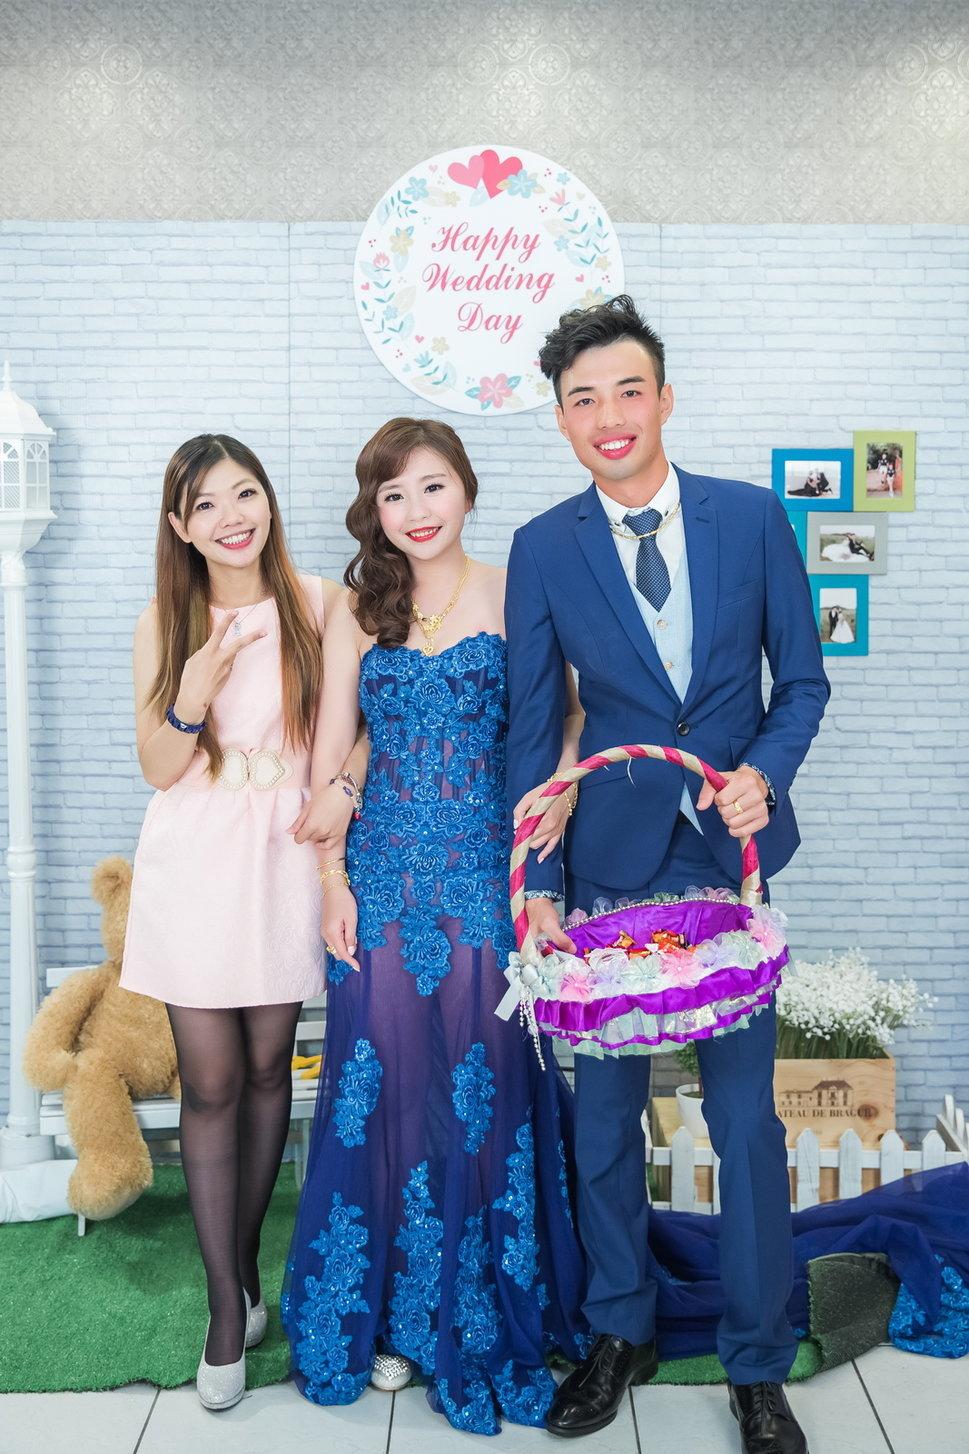 婚禮記錄- 南崁萬翔餐廳-婚攝阿卜(編號:400243) - 阿卜的攝影工作室 - 結婚吧一站式婚禮服務平台